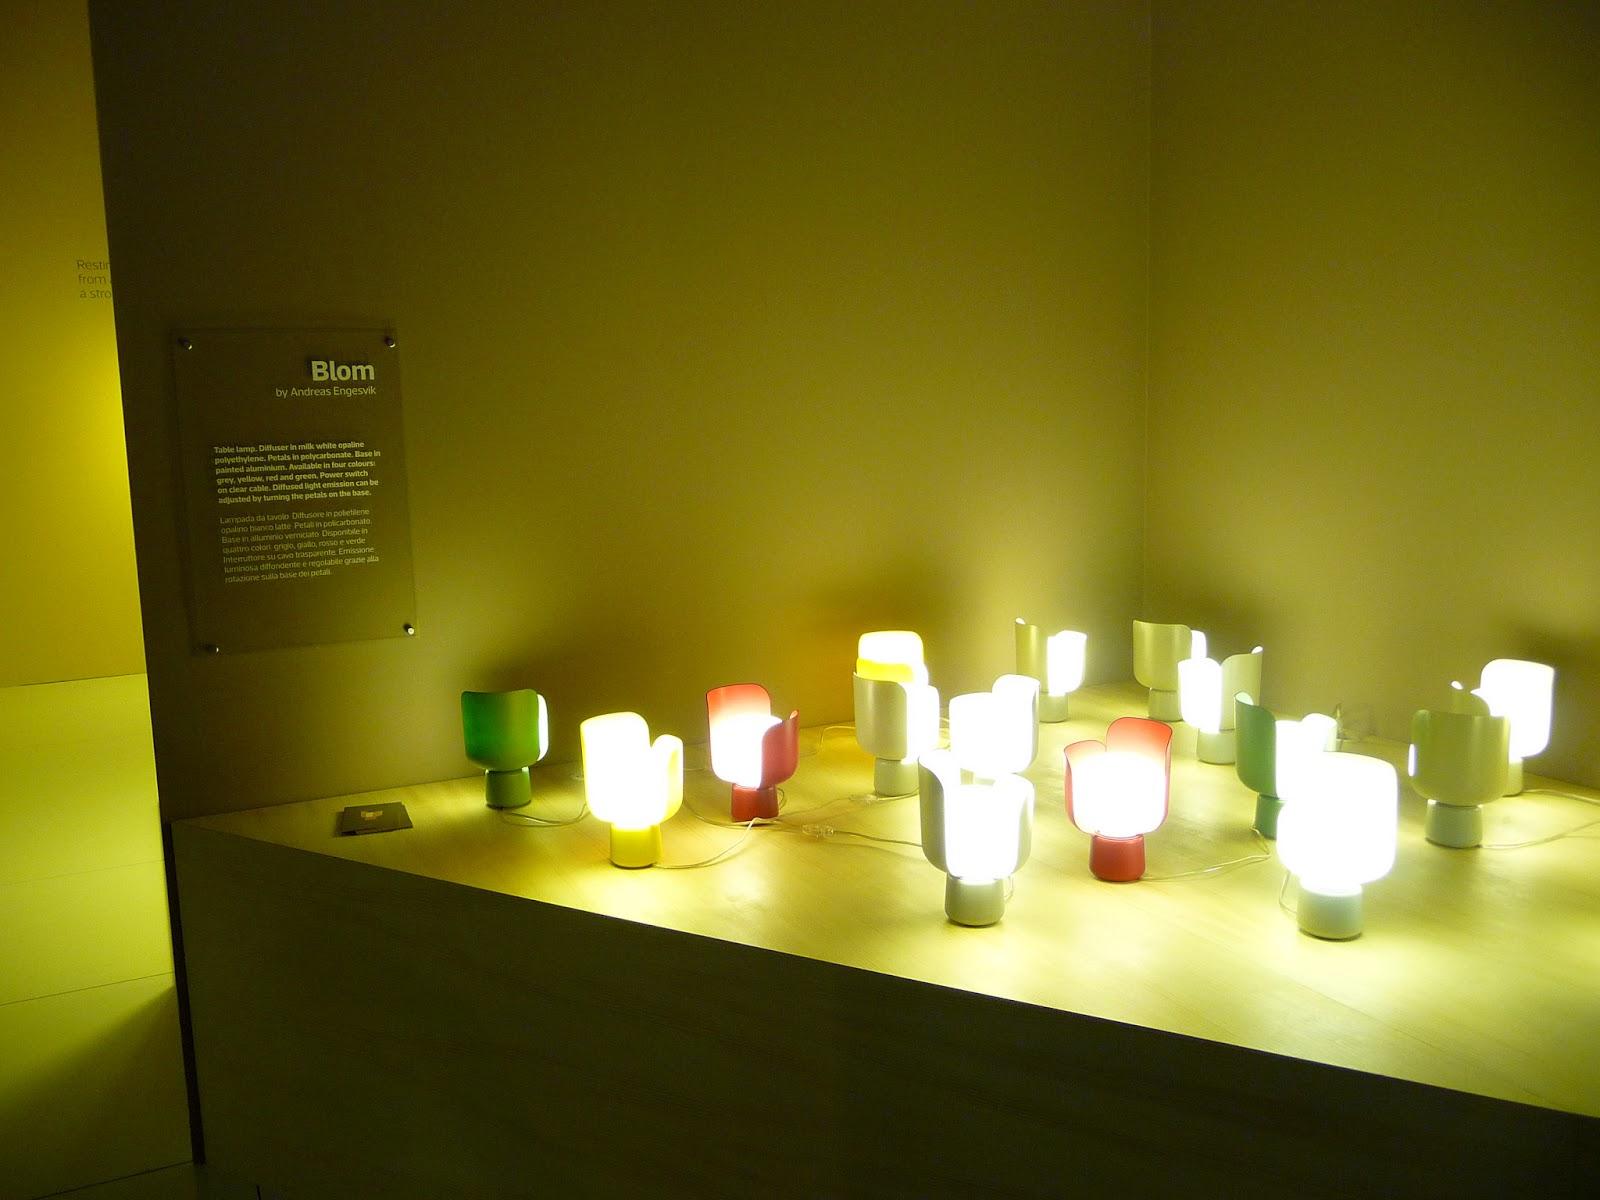 Svendita fontanaarte l 39 evento atteso lighting ideas - Fontana arte corsico ...